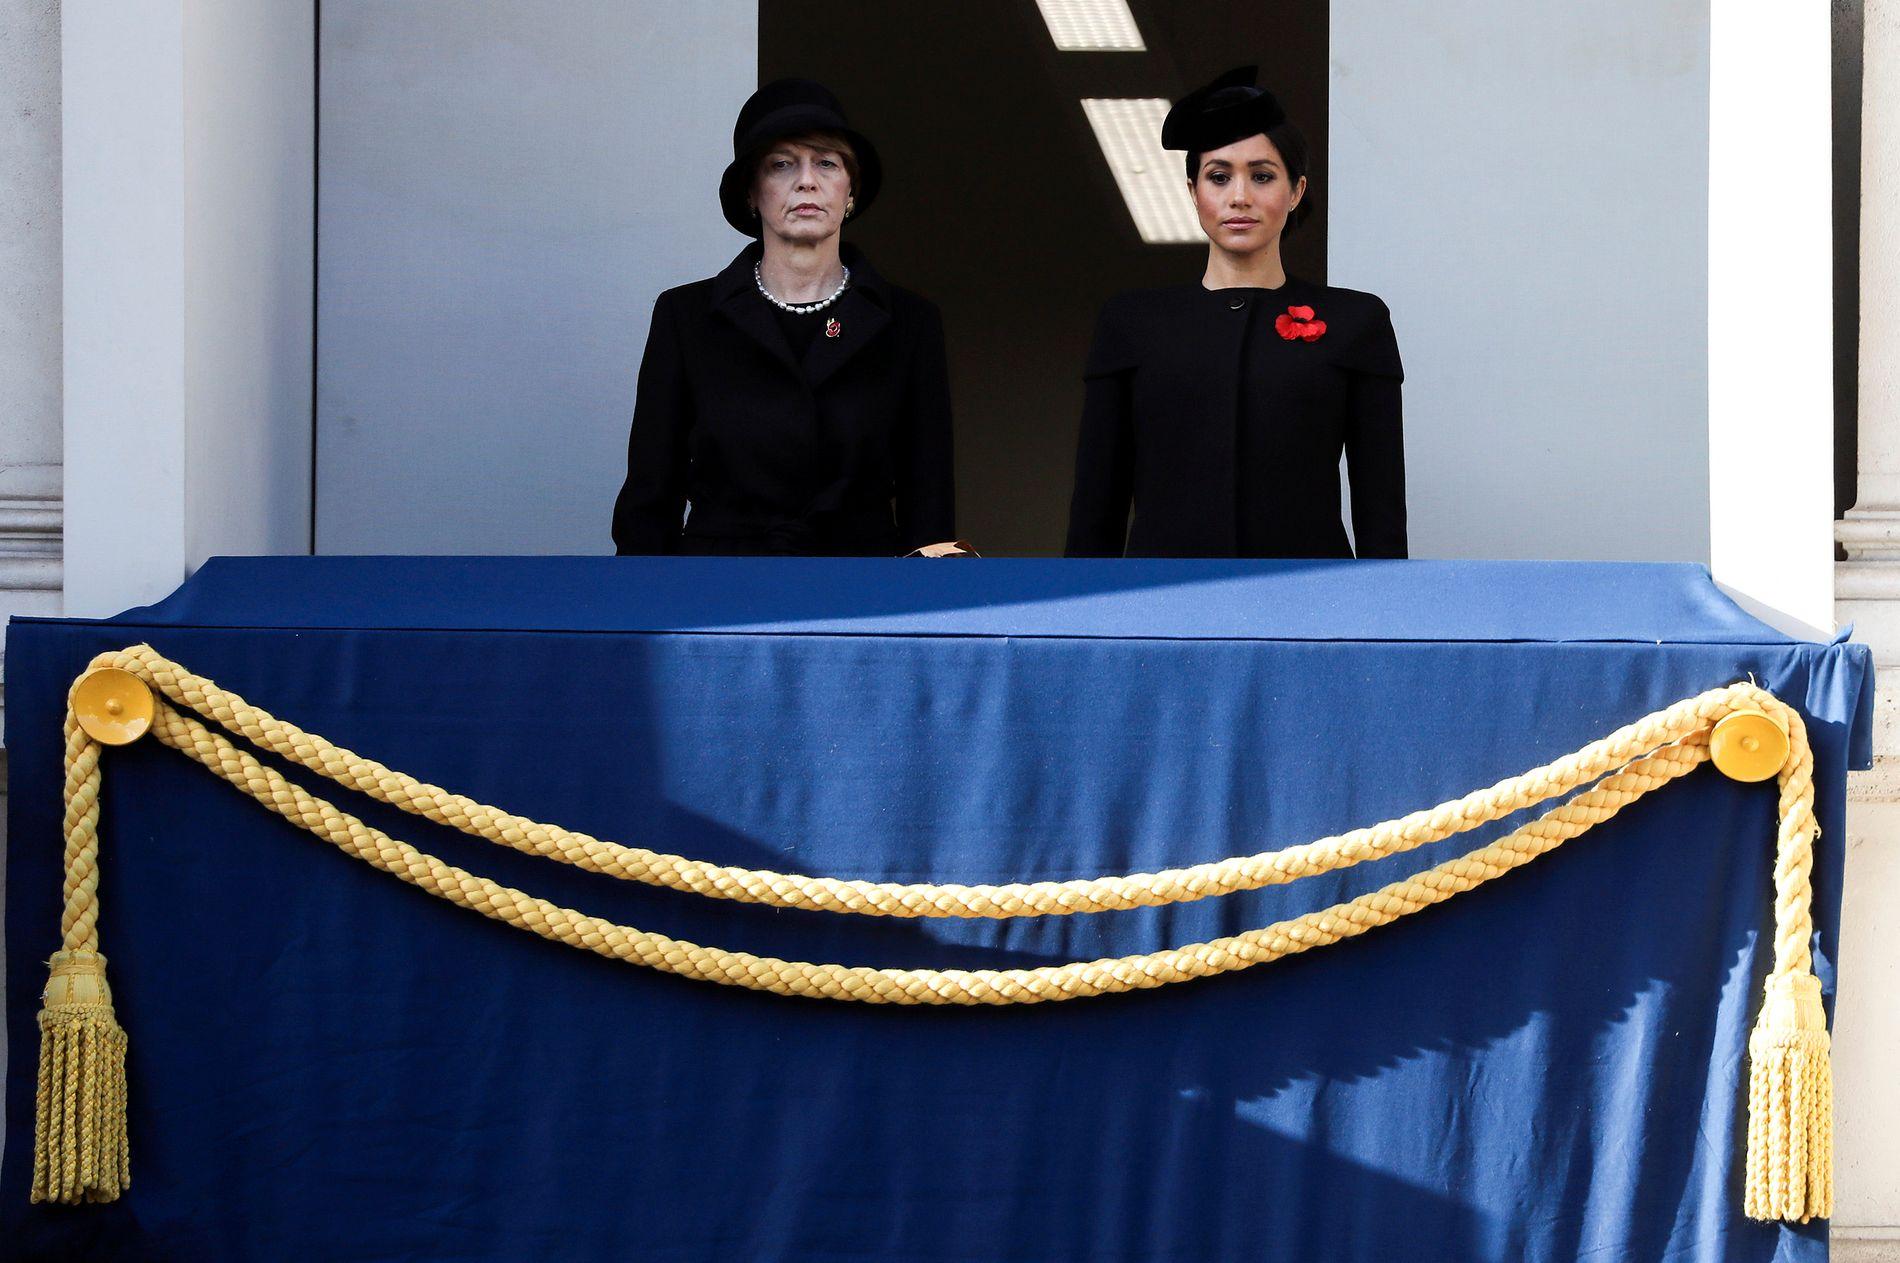 GANSKE ALENE:  Meghan Markle (t.h.) hadde selskap av den tyske presidentfruen Elke Büdenbender på den ene balkongen søndag.